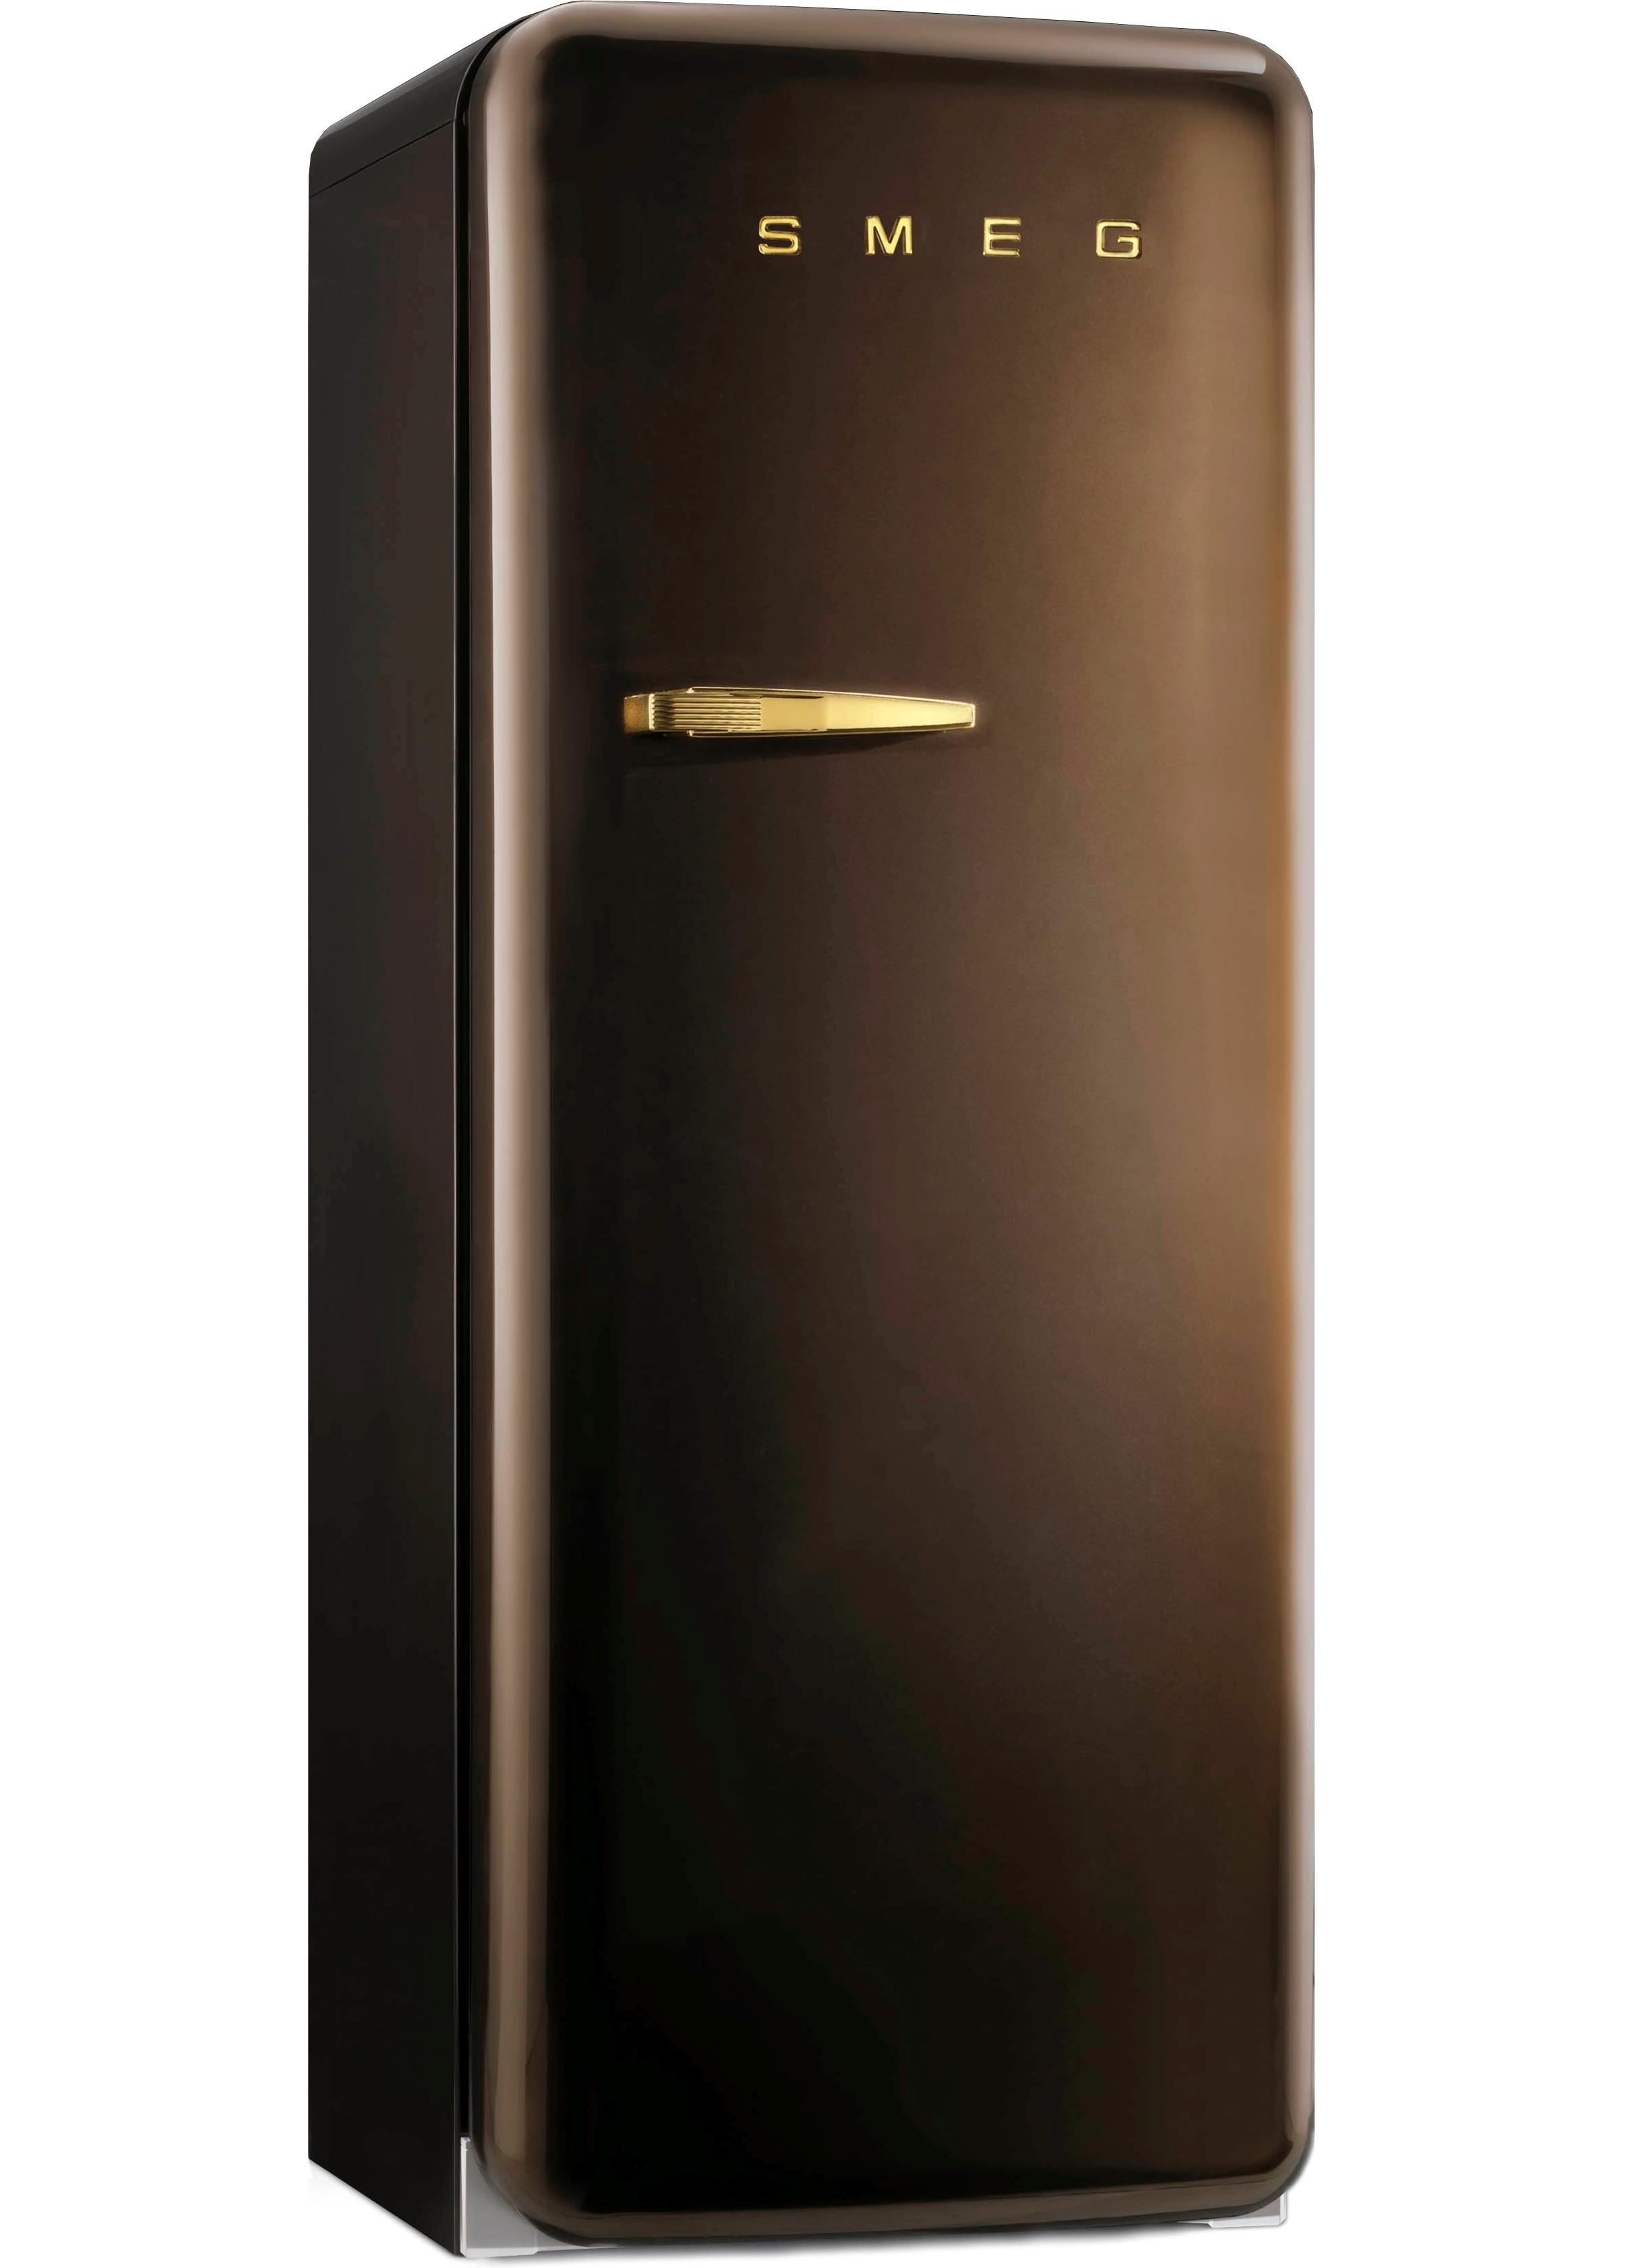 Smeg koelkast FAB28 chocolade bruin in jaren 50 stijl #koelkast #smeg